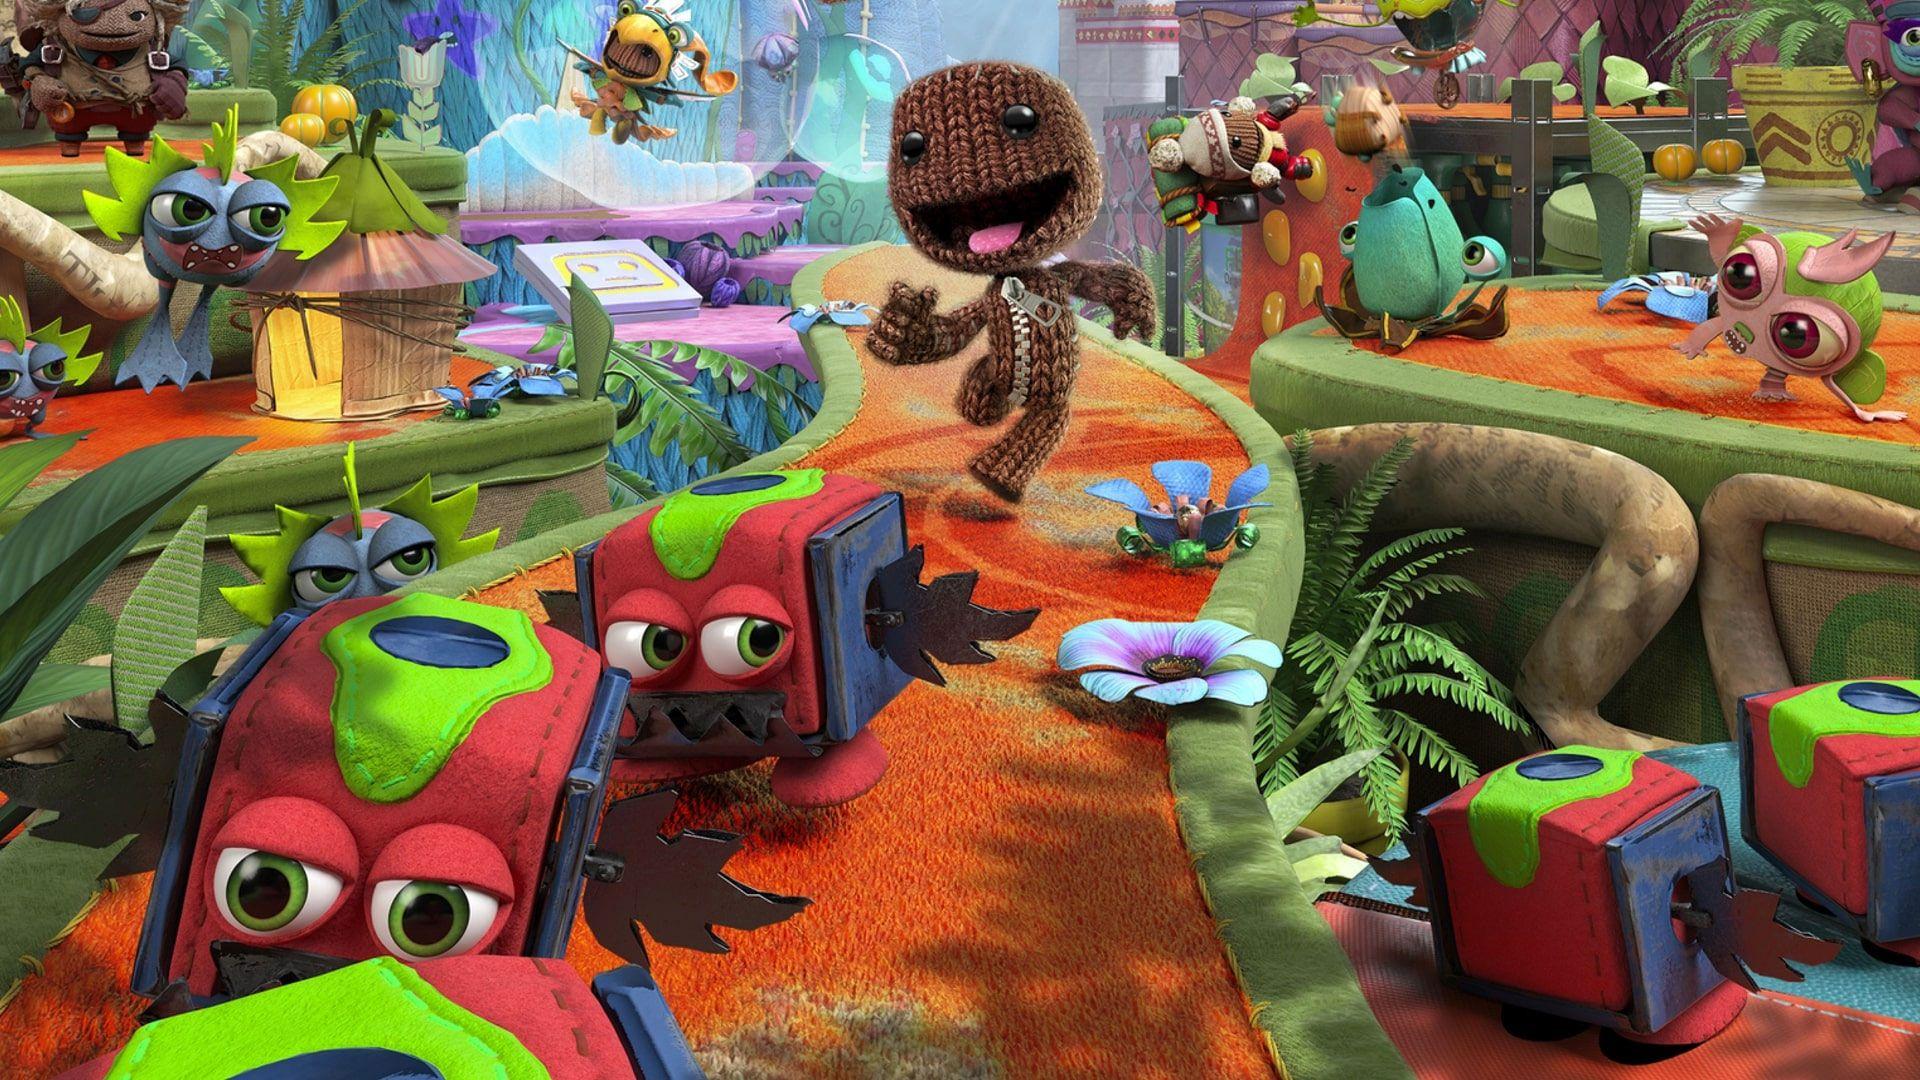 Sackboy: A Big Adventure traz o personagem da série LittleBigPlanet em uma aventura multiplayer no PS5. (Foto: Divulgação/Sony)